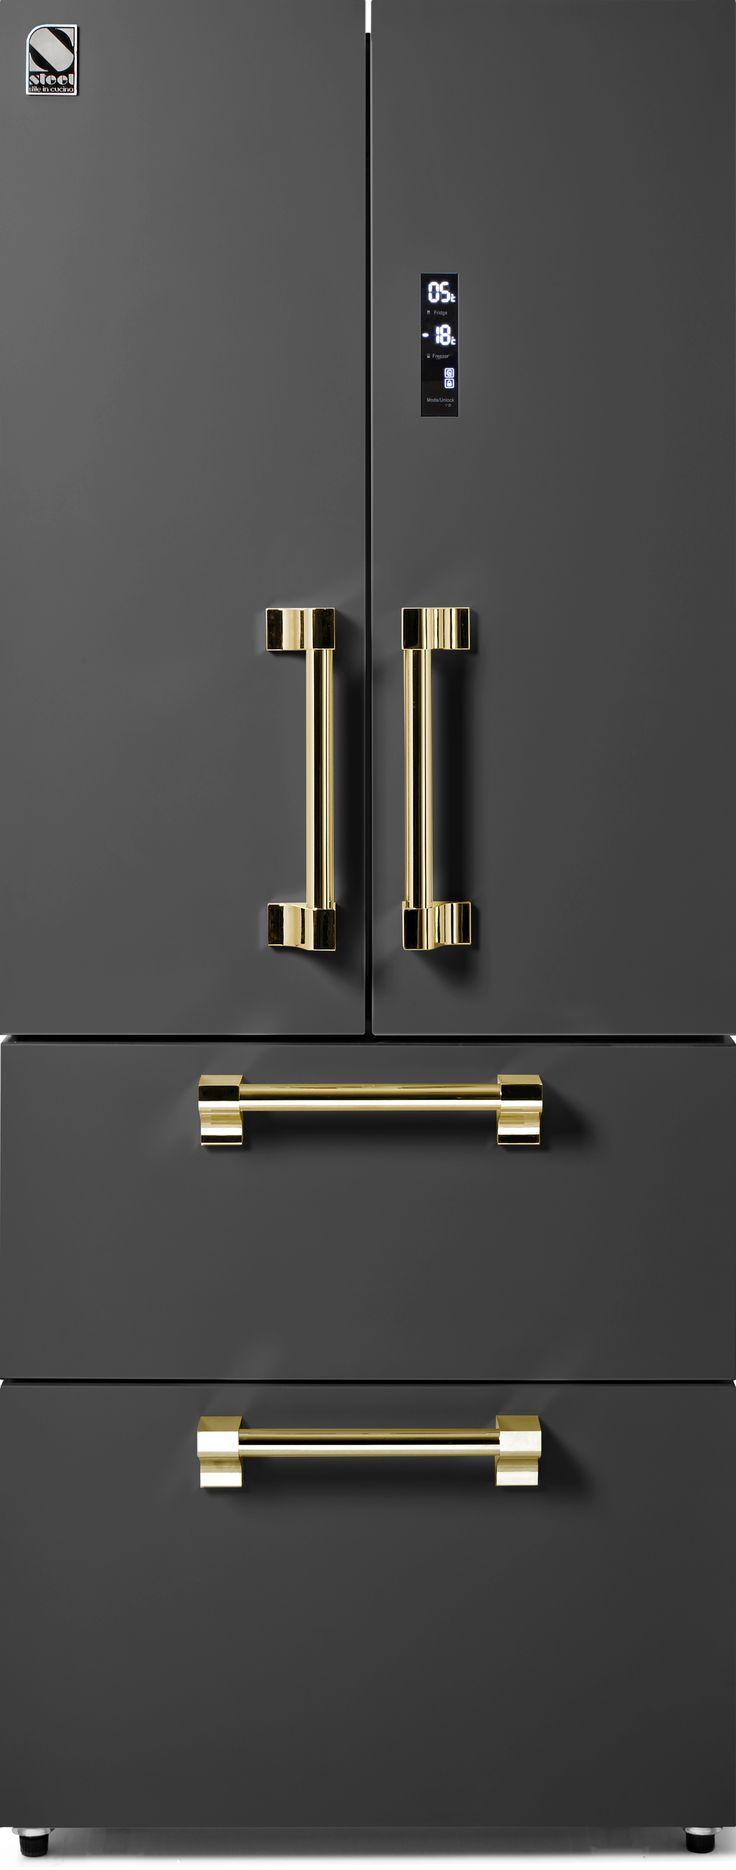 Steel - Ascot - Fristående Kylskåp med fransk dörr - 70 cm | Range Cookers från MyRangeCooker.se